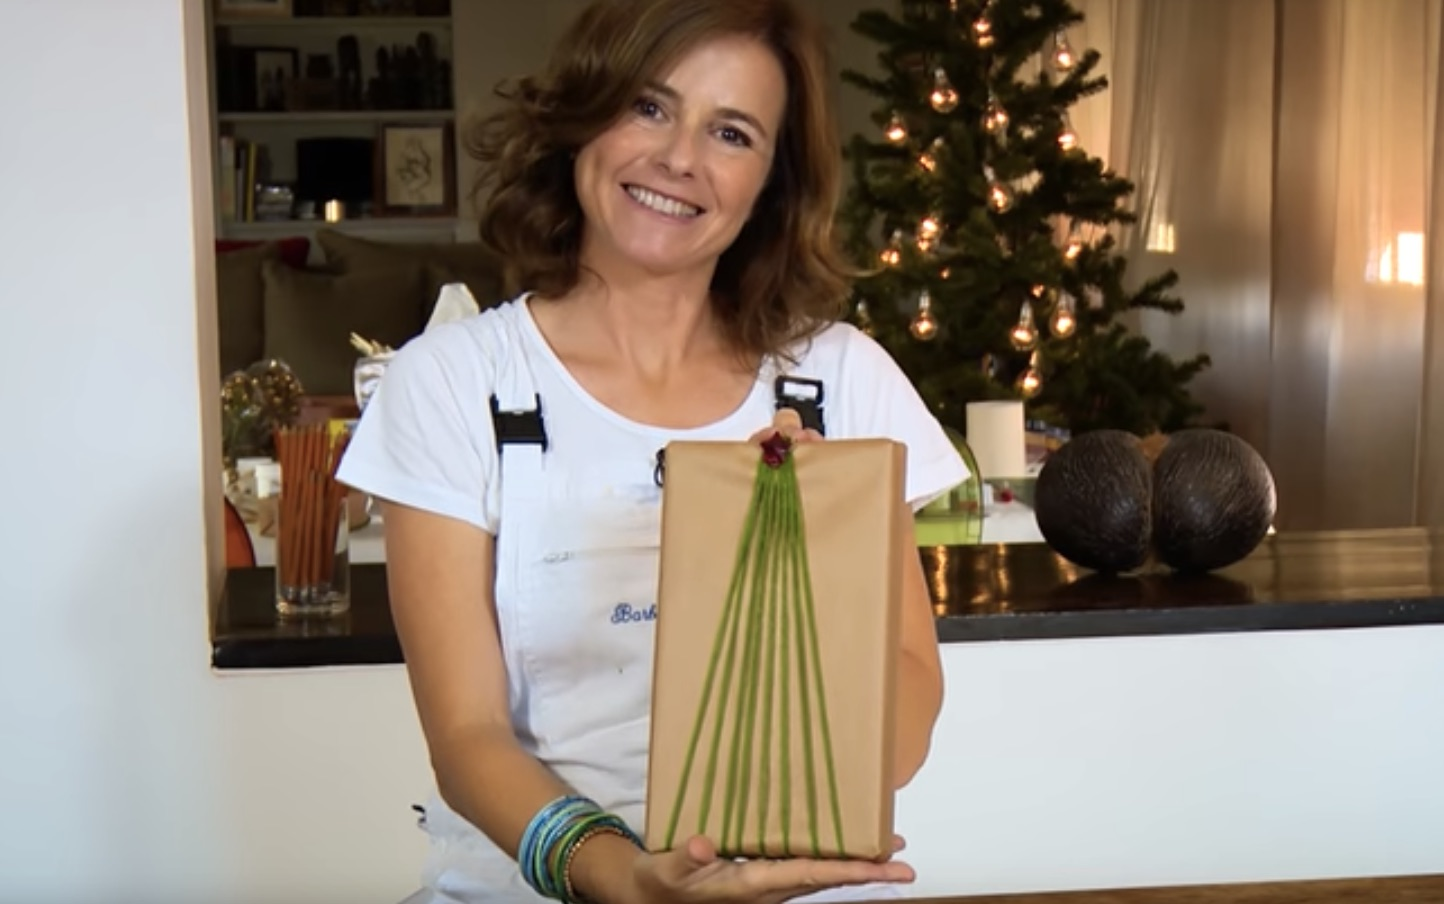 Pacchetto di Natale con un filo di lana